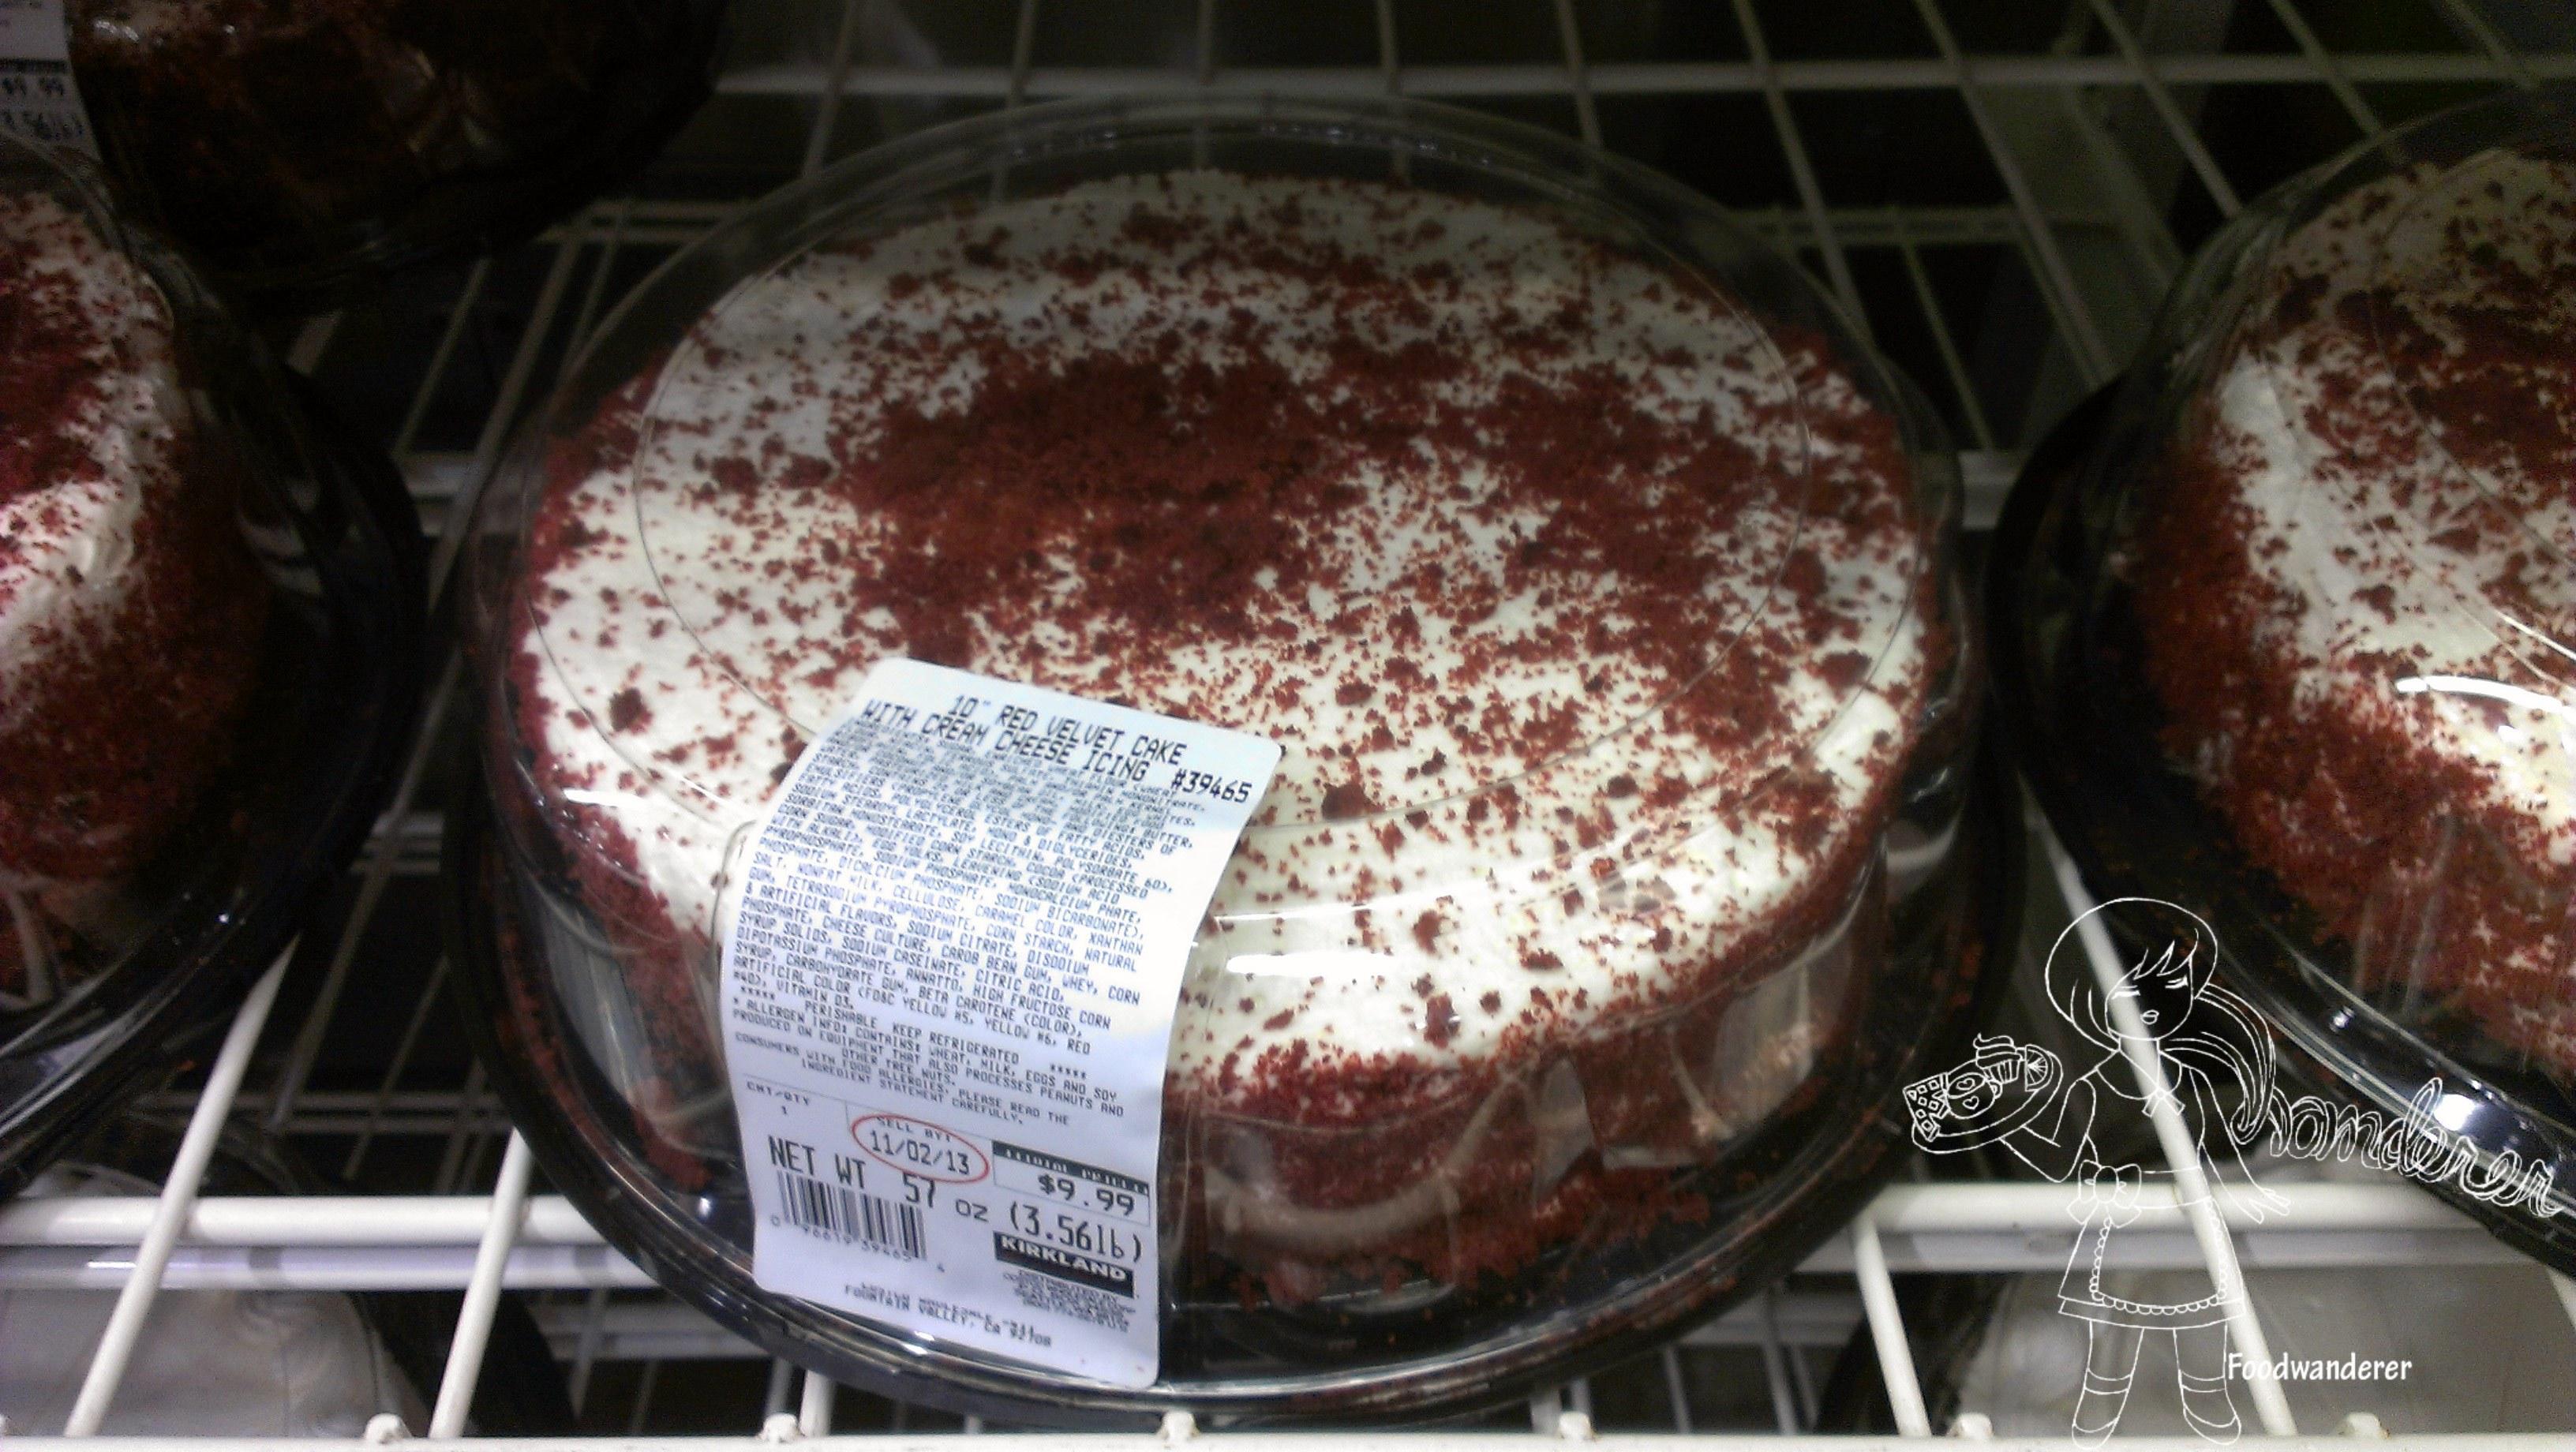 Kirkland Red Velvet Cake Ingredients